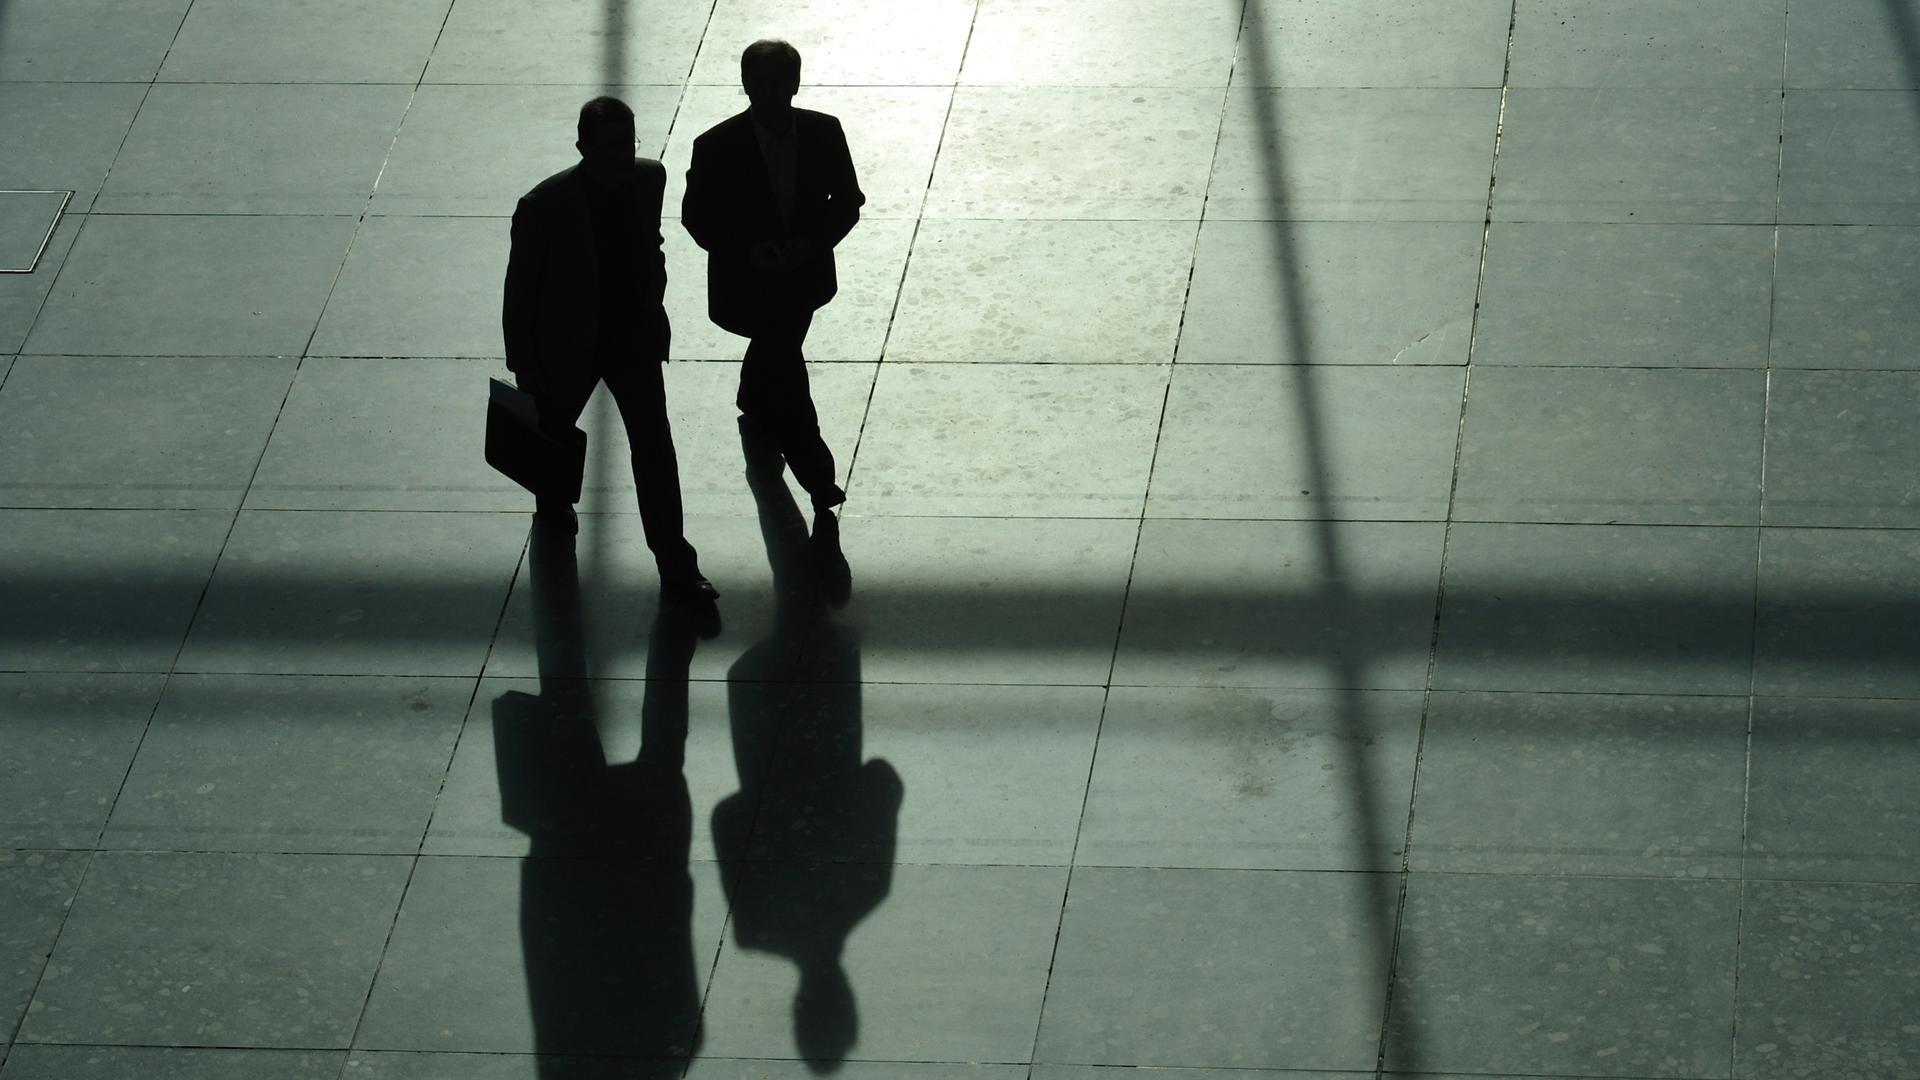 ARCHIV - 24.03.2010, Baden-Württemberg, Stuttgart: Zwei Männer im Anzug, von denen einer einen Aktenkoffer trägt, werfen lange Schatten. (zu dpa «Regierung gibt mehr als 178 Millionen Euro für externe Berater aus») Foto: Uwe Anspach/dpa +++ dpa-Bildfunk +++   Verwendung weltweit